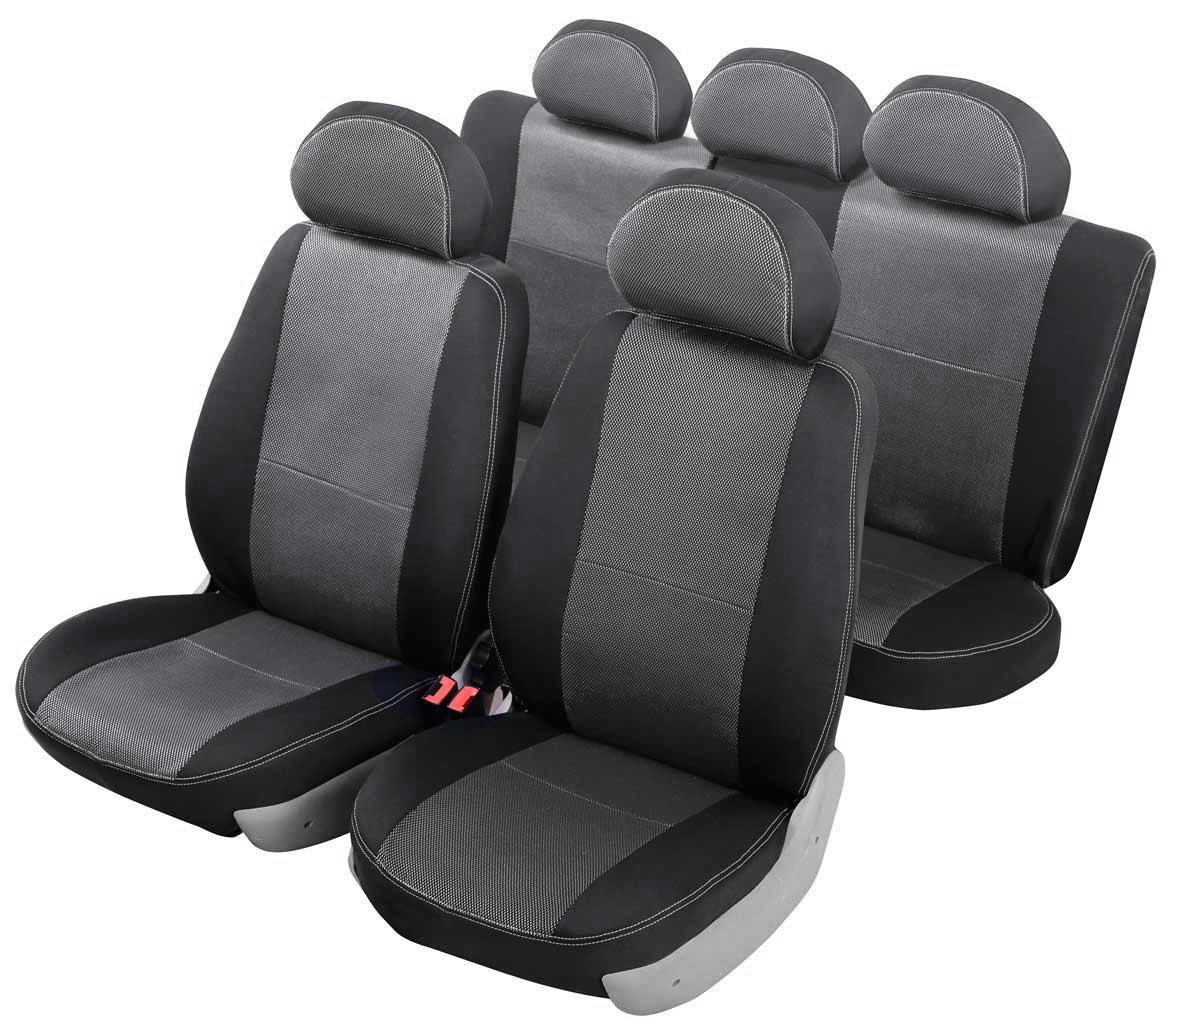 Чехол на автомобильное кресло Senator Dakkar DAEWOO NEXIA 1994-н.в сед., цвет: черныйS3010021Разработаны в РФ индивидуально для каждой модели автомобиля. Чехлы Senator Dakkar серийно выпускаются на собственном швейном производстве в России. Чехлы идеально повторяют штатную форму сидений и выглядят как оригинальная обивка сидений. Для простоты установки используется липучка Velcro, учтены все технологические отверстия. Чехлы сохраняют полную функциональность салона – трасформация сидений, возможность установки детских кресел ISOFIX, не препятствуют работе подушек безопасности AIRBAG и подогрева сидений. Дизайн чехлов Senator Dakkar приближен к оригинальной обивке салона. Чехлы имеют вставки из жаккарда по центру переднего сиденья и на подголовниках. Декоративная контрастная прострочка по периметру авточехлов придает стильный и изысканный внешний вид интерьеру автомобиля. Чехлы Senator Dakkar изготовлены из сверхпрочного жаккарда, триплированного огнеупорным поролоном толщиной 3 мм, за счет чего чехол приобретает дополнительную мягкость. Подложка из спандбонда сохраняет...